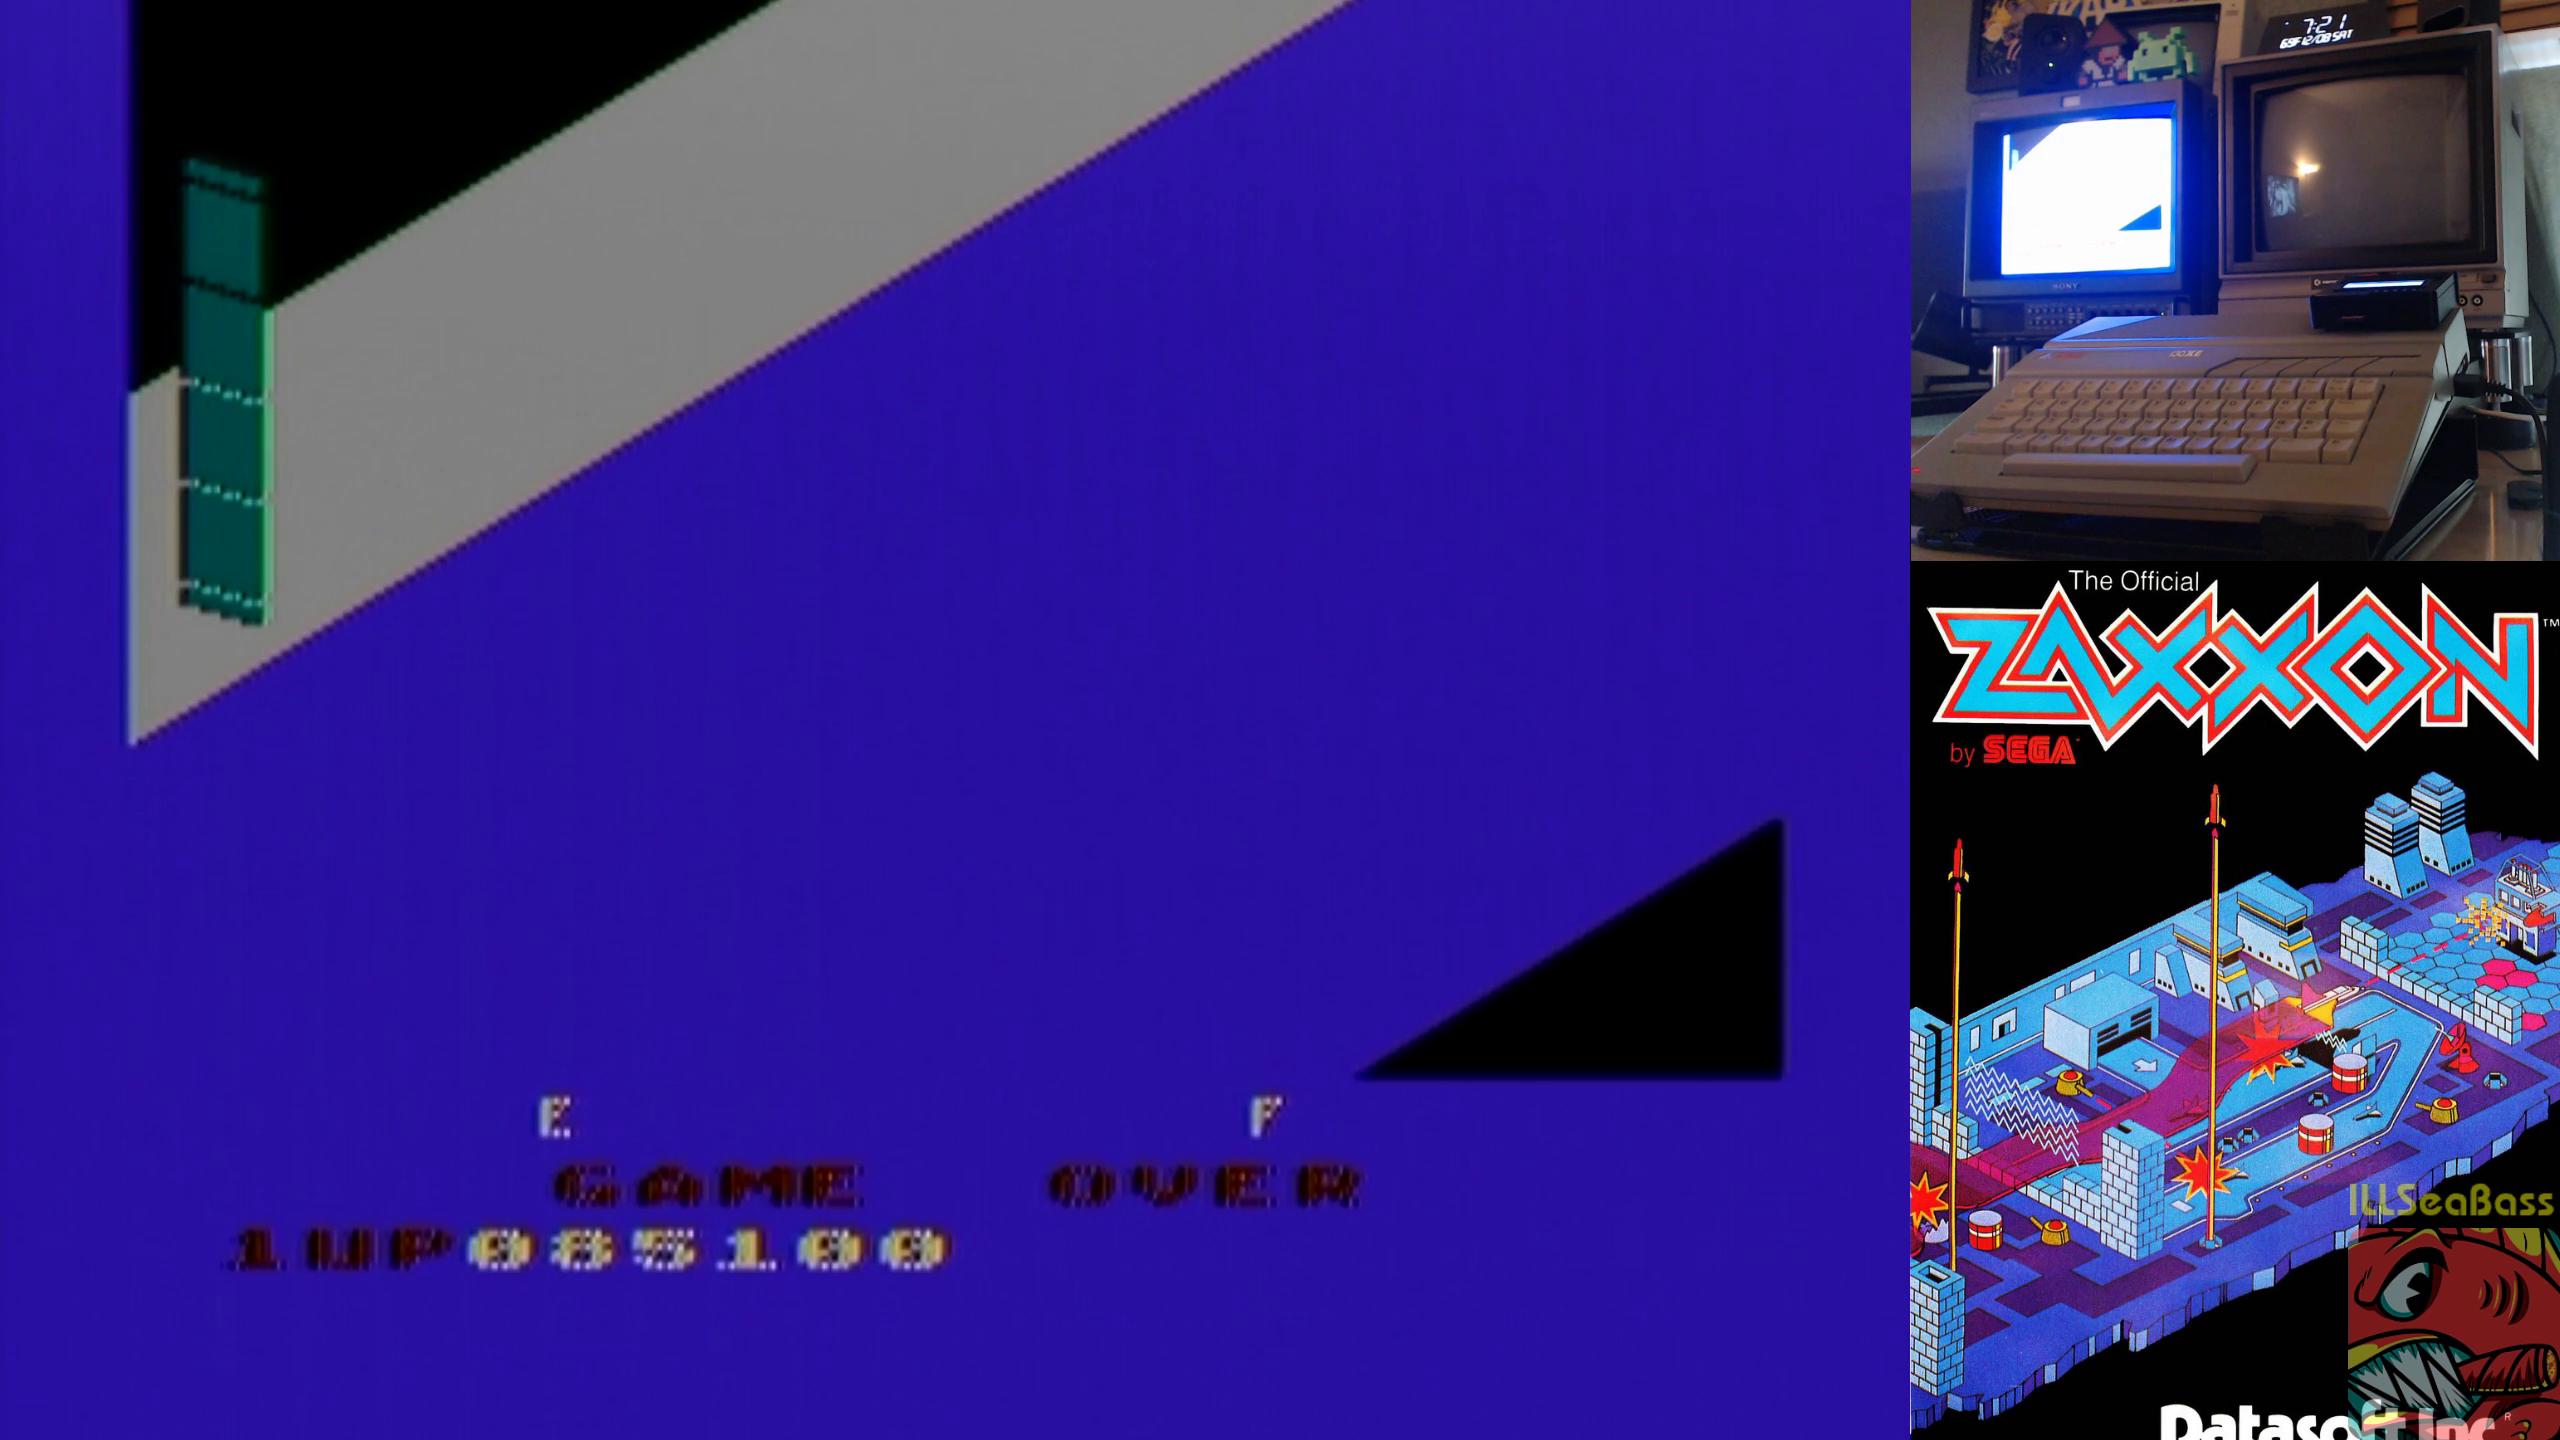 ILLSeaBass: Zaxxon (Atari 400/800/XL/XE) 85,100 points on 2018-12-13 11:45:06